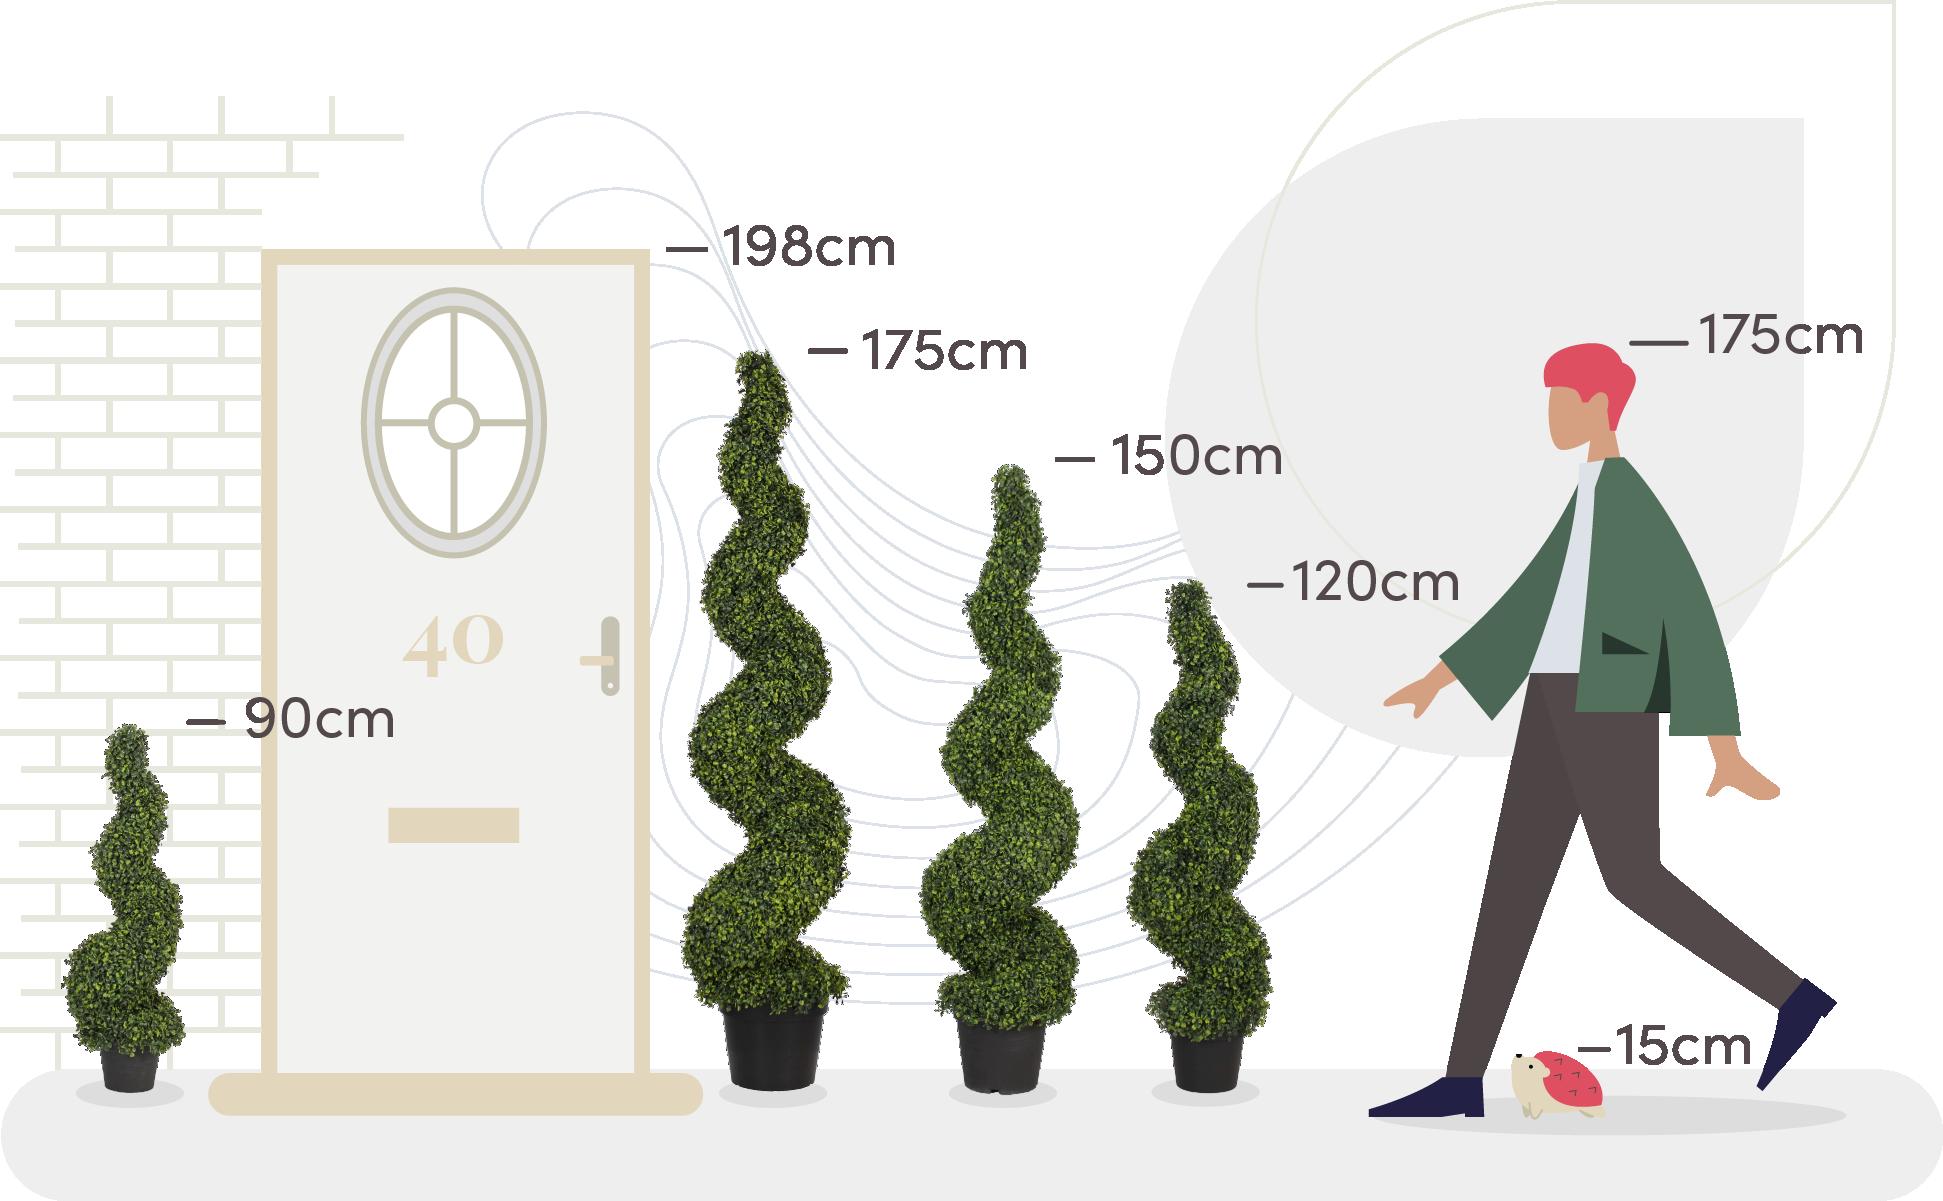 Boxwood spiral size comparison